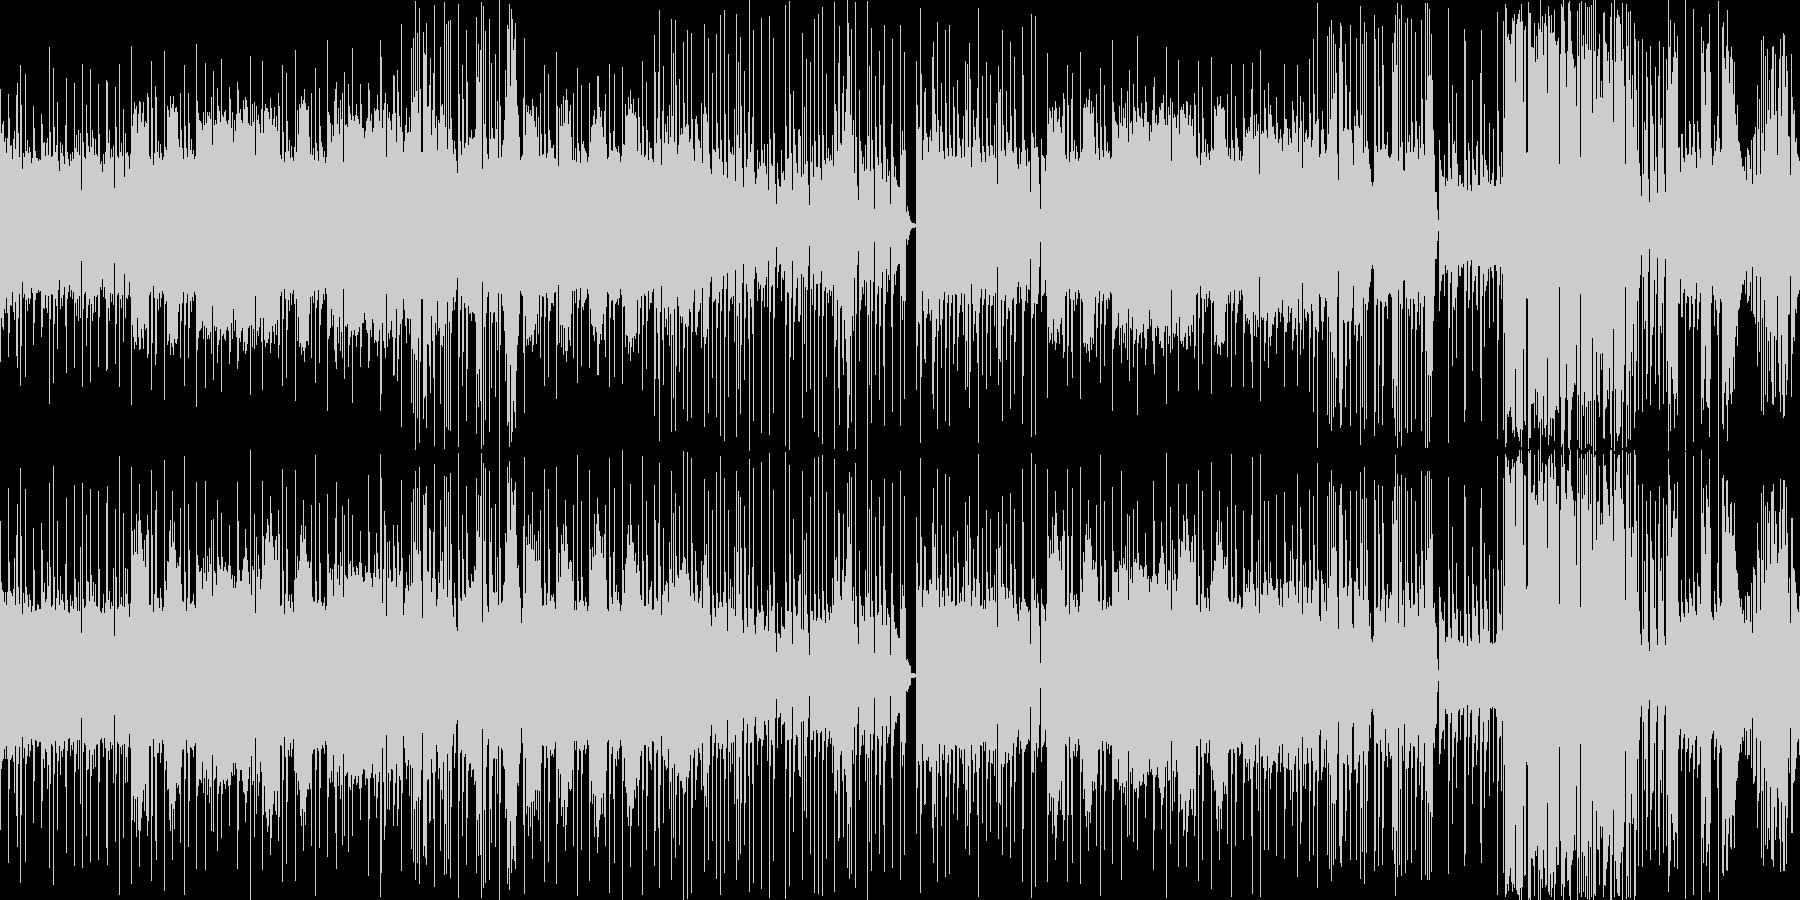 タイト、キメキメ、グイグイのハードロックの未再生の波形